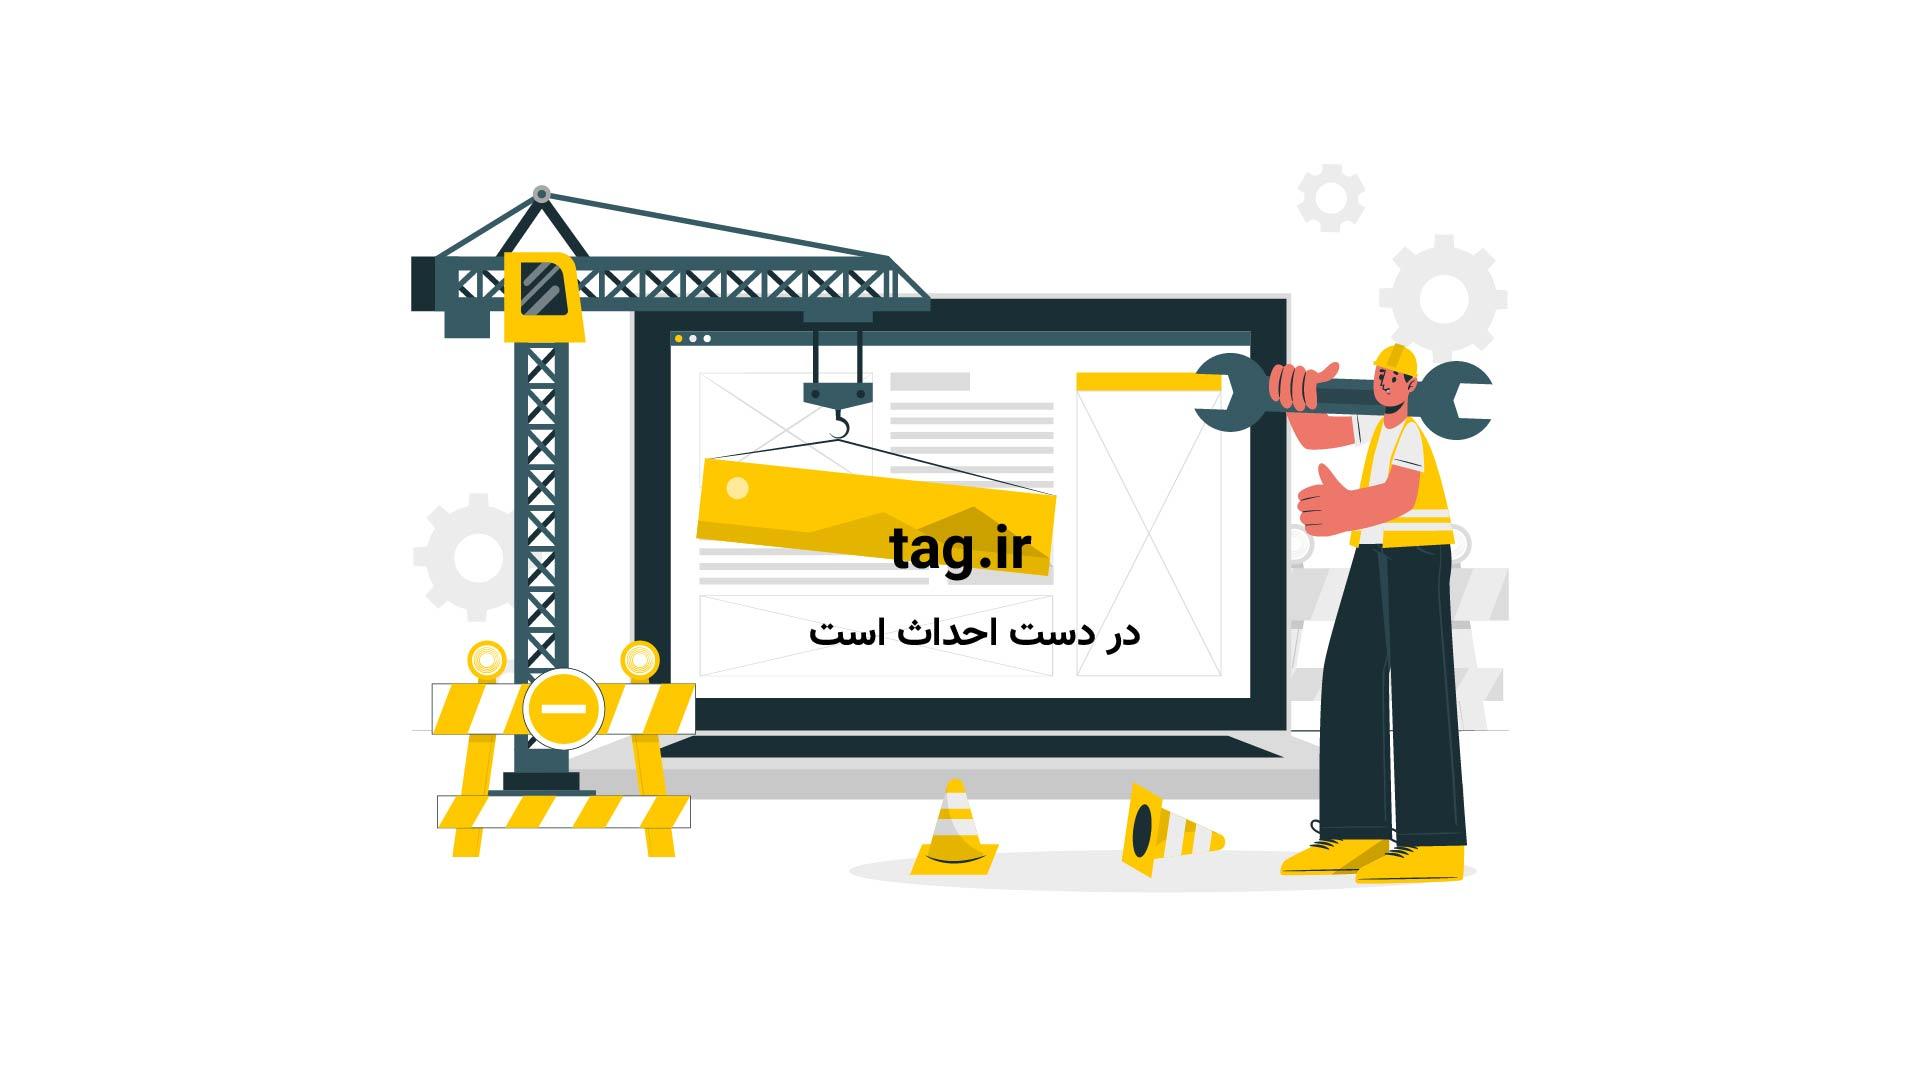 مرحوم آیت الله هاشمی: من هم امتحان دارم، نگران نباش همه امتحان دارند | فیلم